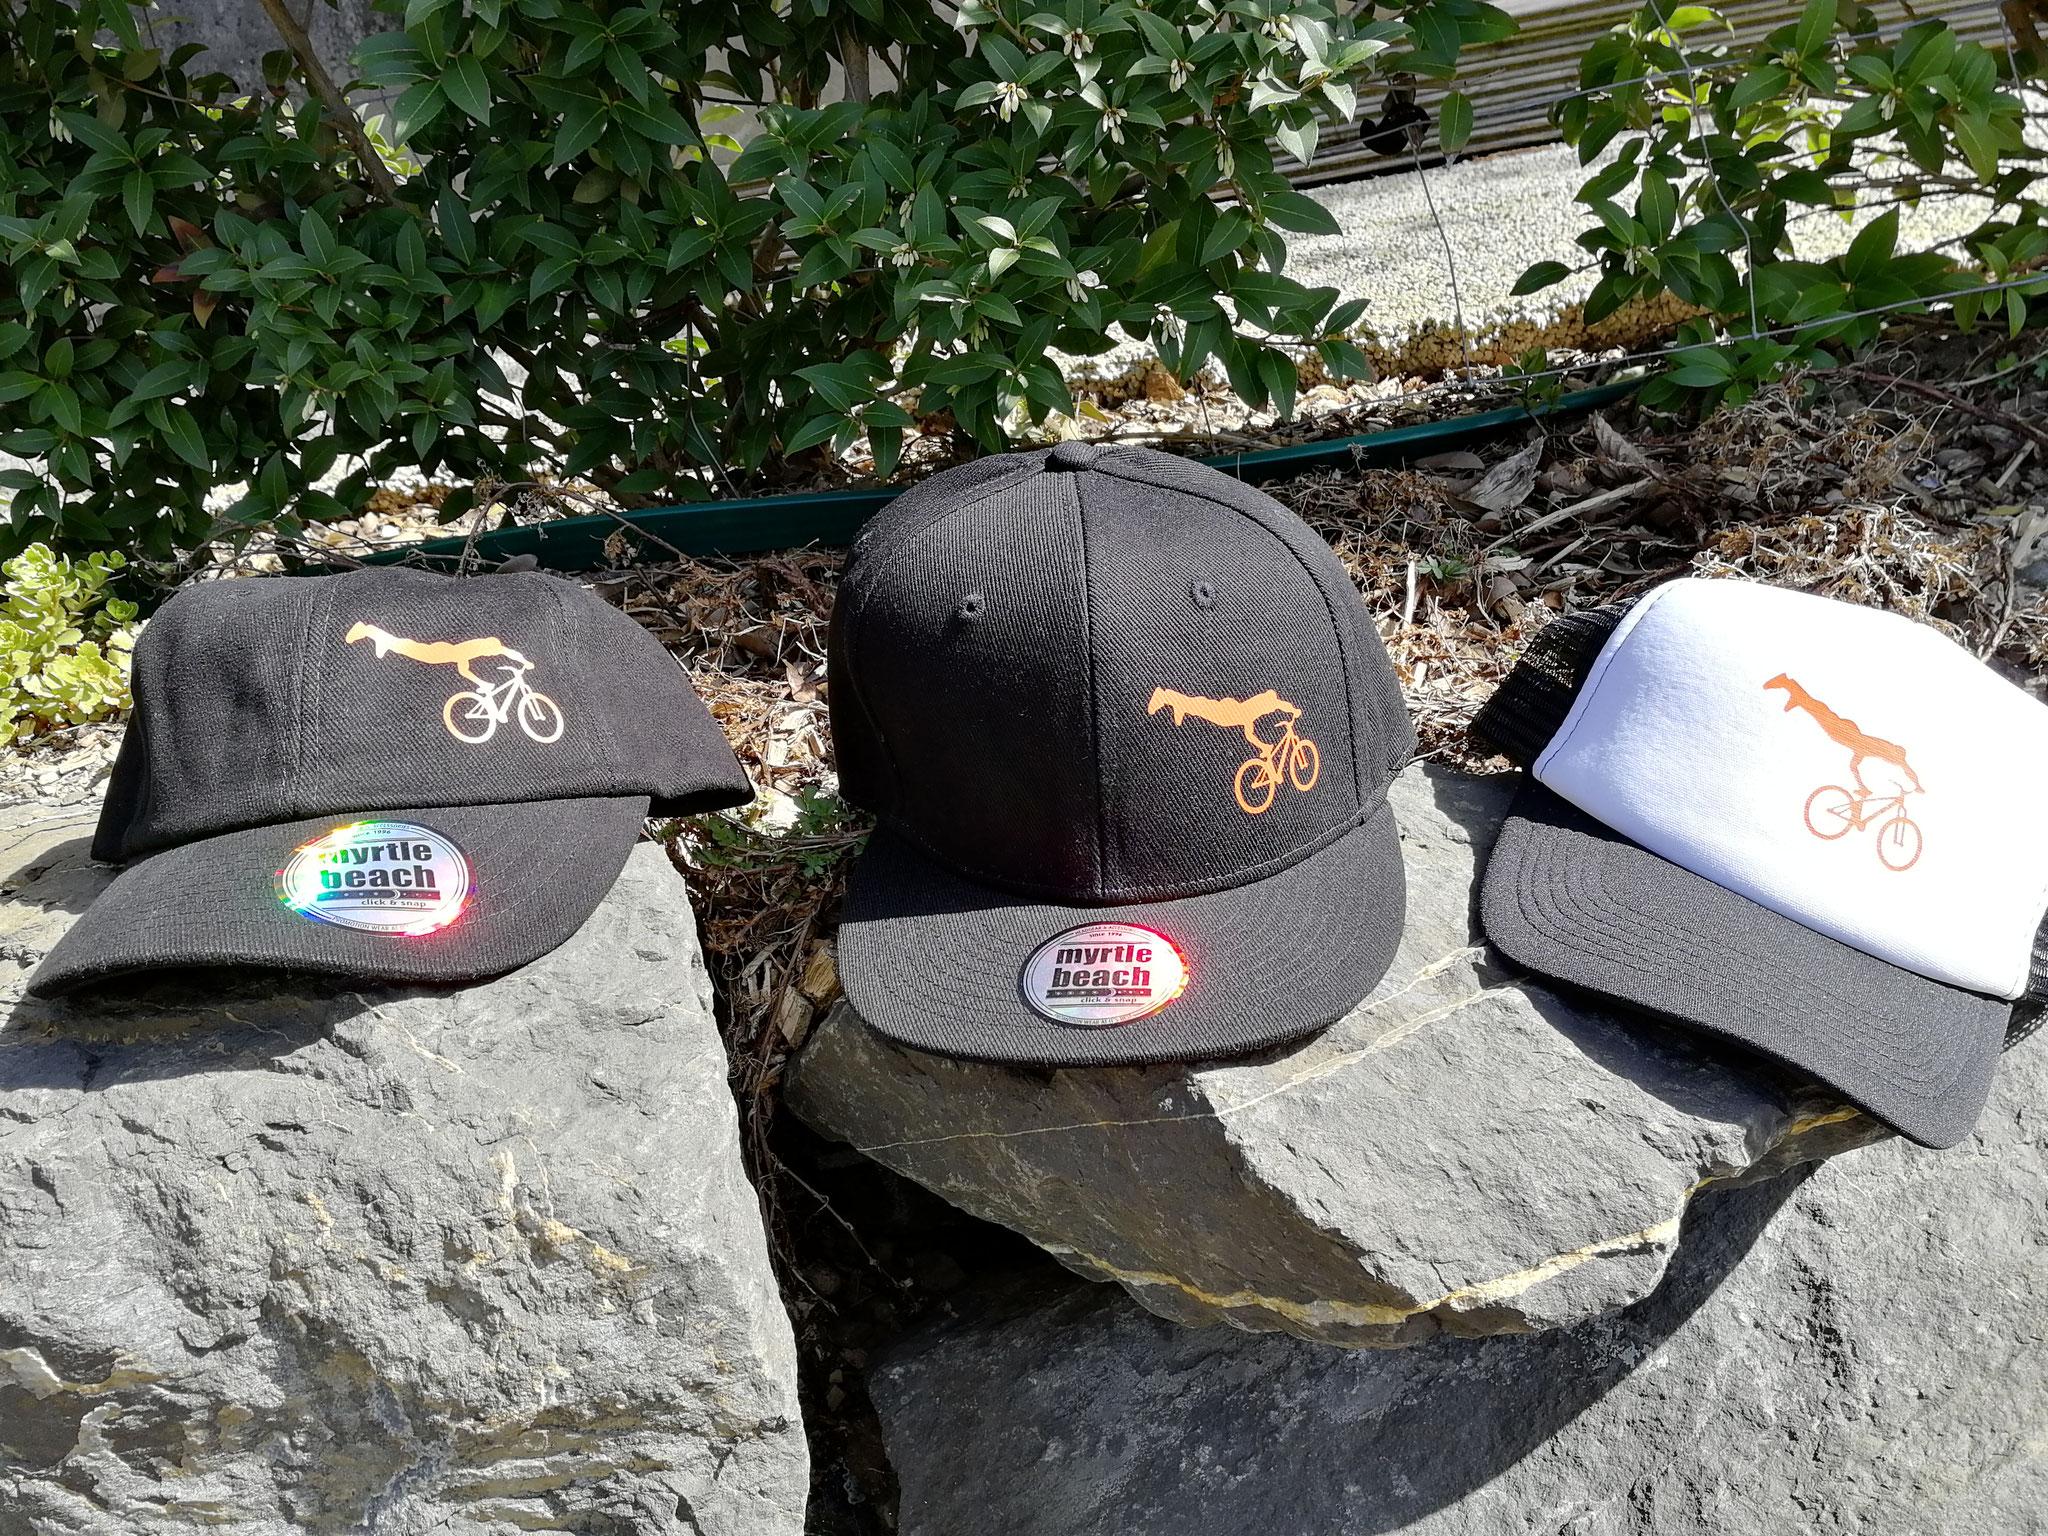 Dir gefallen unsere Fanartikel, T-Shirt, Trikots & Caps? Melde dich unten beim Mailkontakt wir informieren dich gerne.